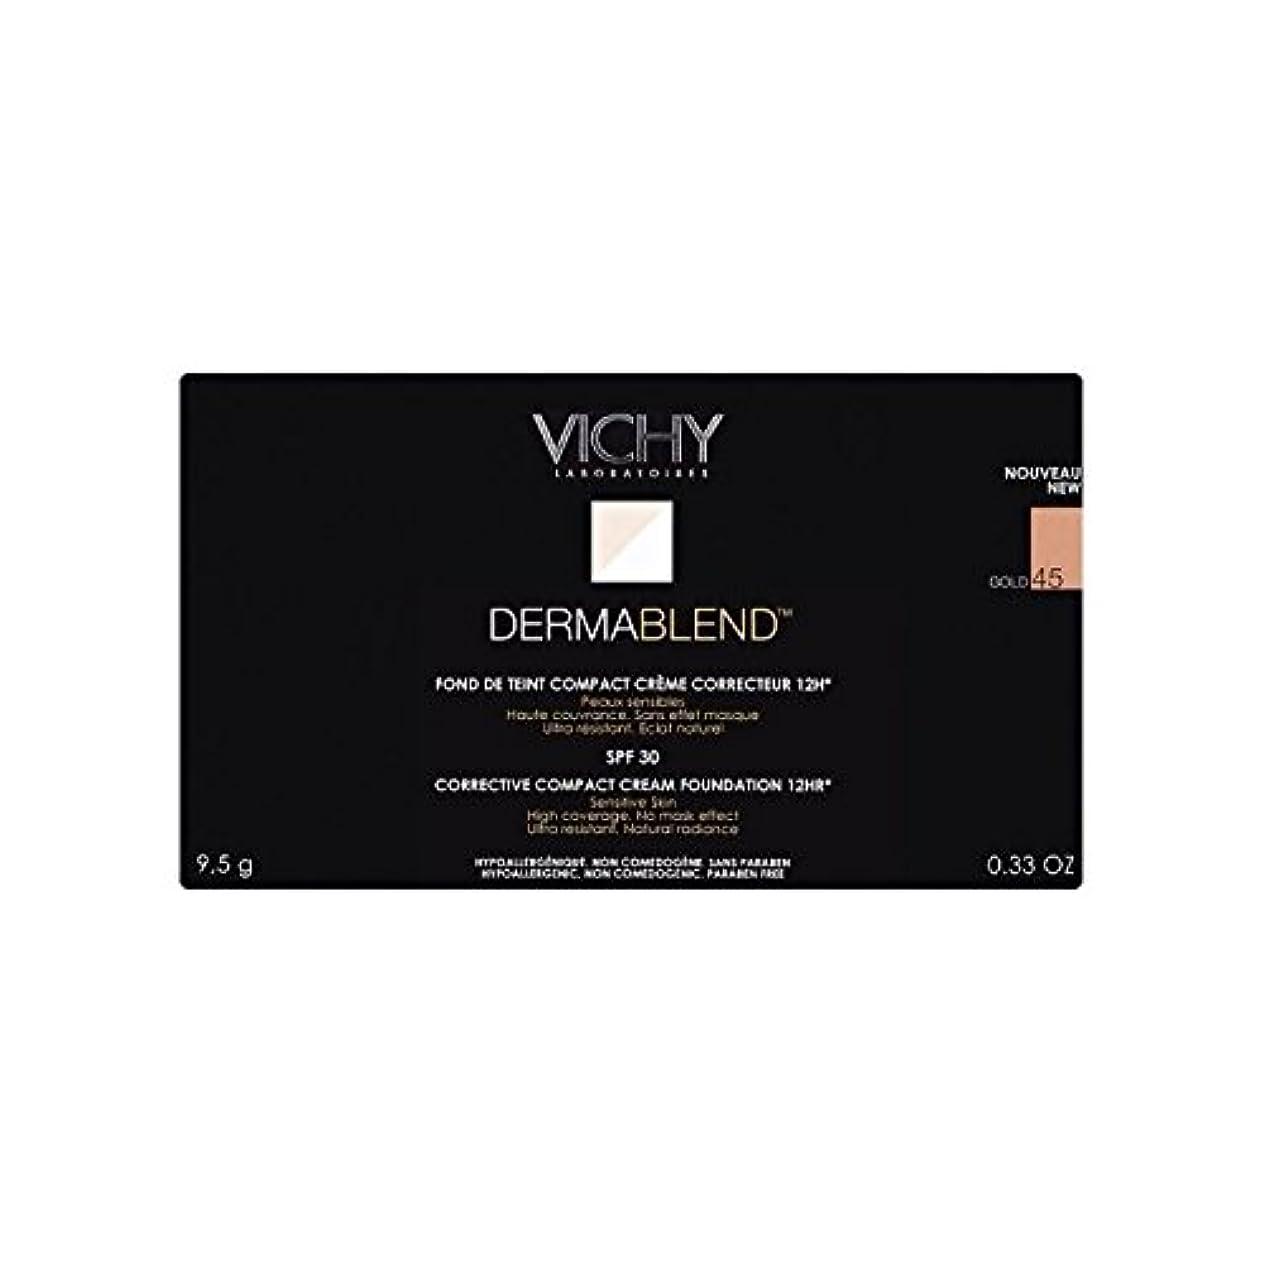 レッドデート群衆特異性ヴィシー是正コンパクトクリームファンデーション金45 x2 - Vichy Dermablend Corrective Compact Cream Foundation Gold 45 (Pack of 2) [並行輸入品]